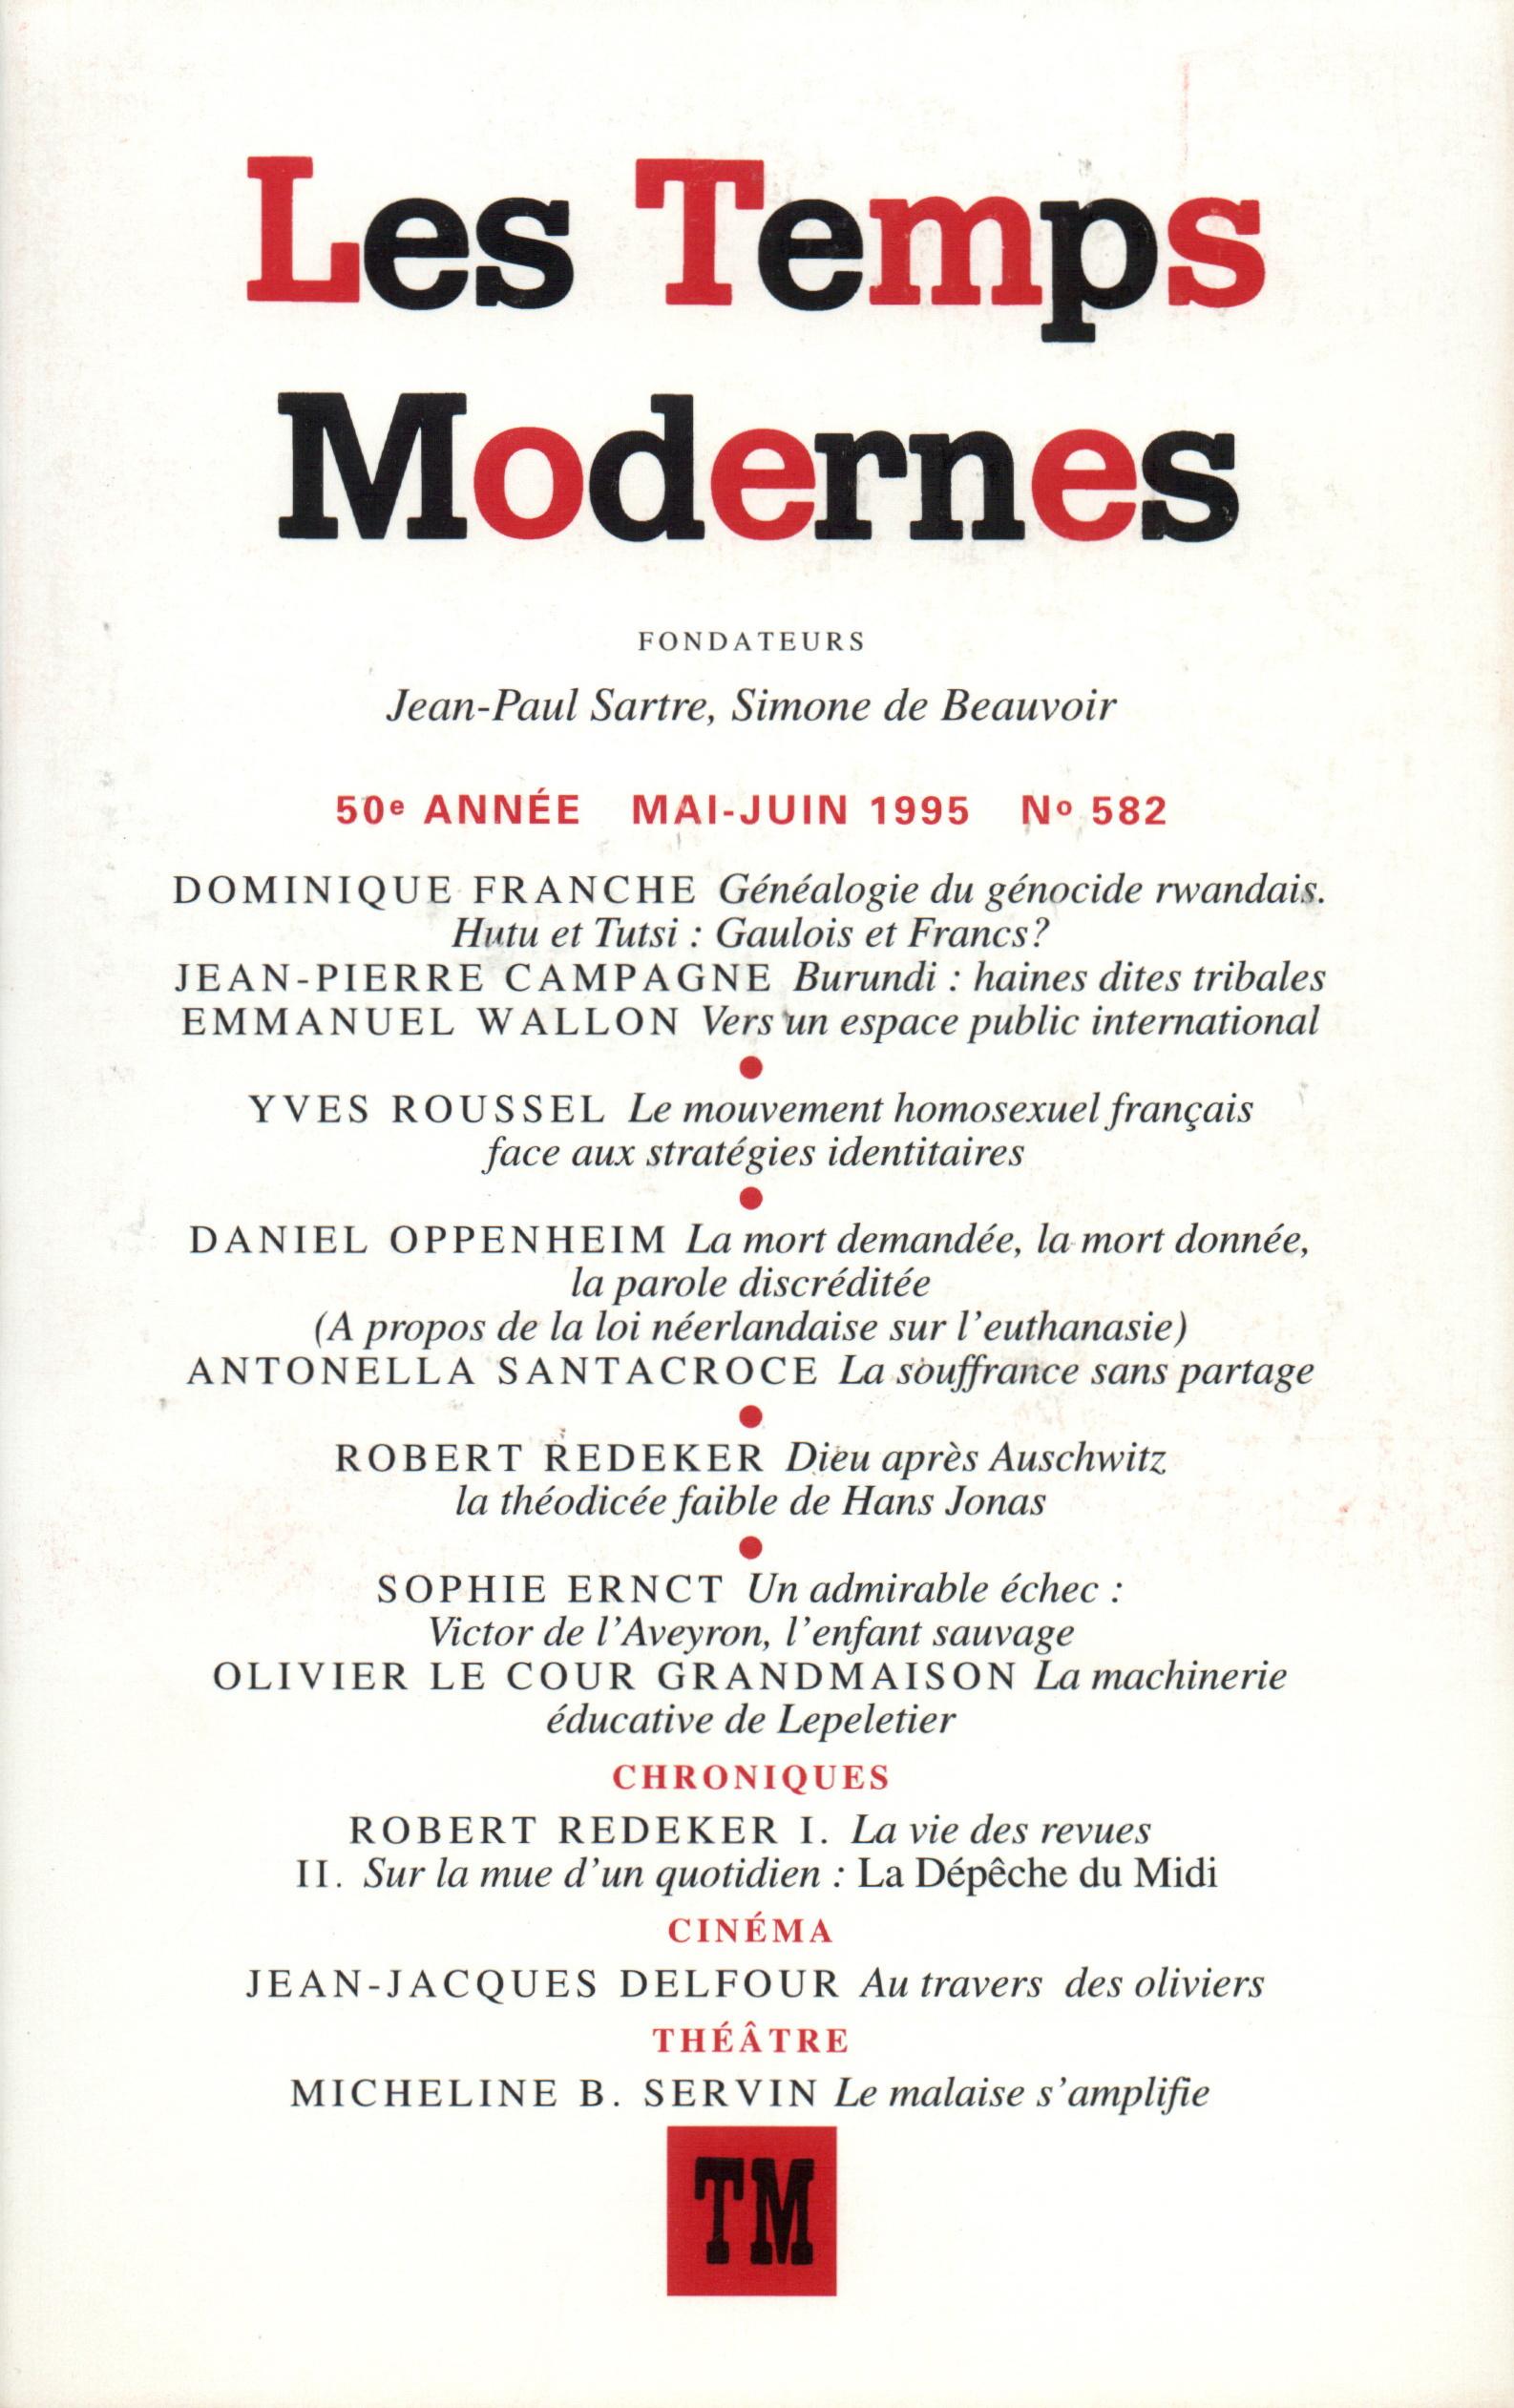 LES TEMPS MODERNES 582  (MAI-JUIN 1995)